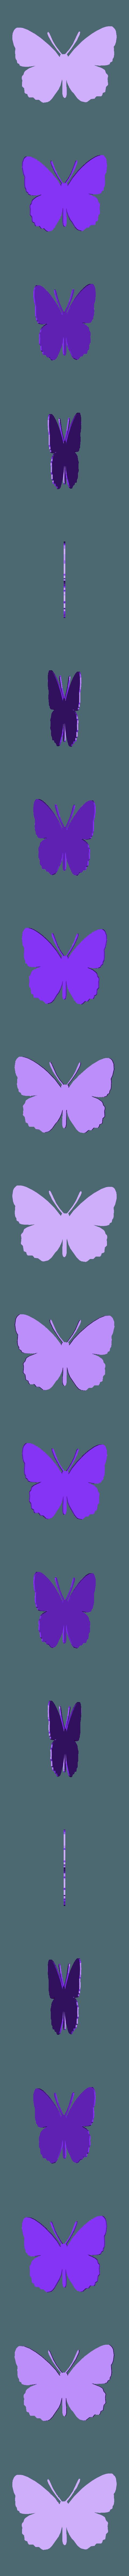 papillon mega.stl Télécharger fichier STL papillons en relief • Objet pour impression 3D, catf3d